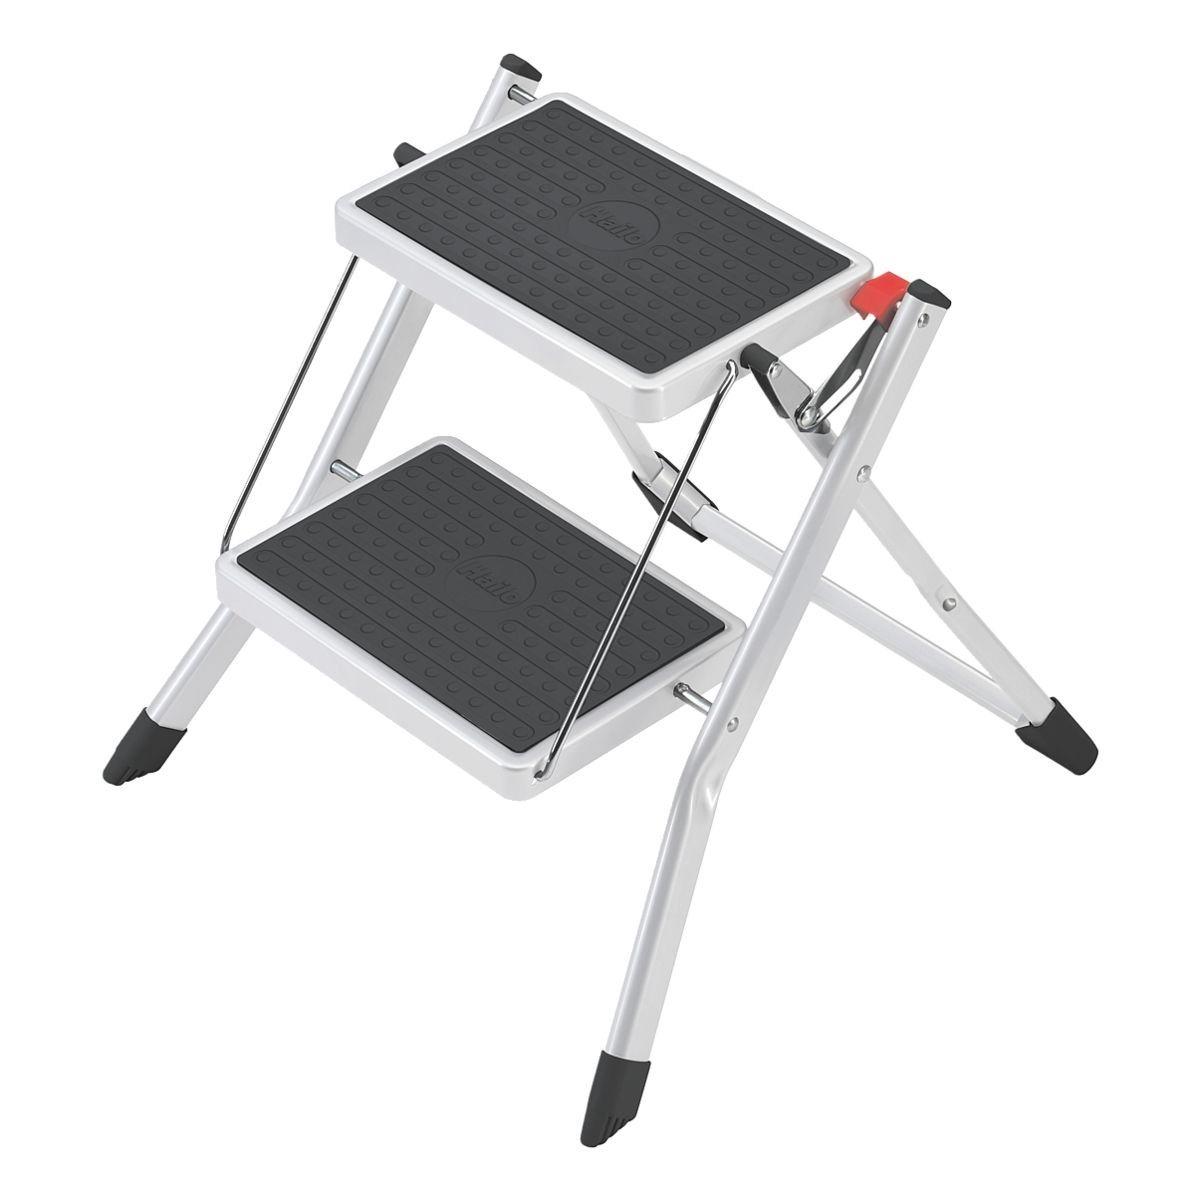 Hailo Mobile Trittleiter | Baumarkt > Leitern und Treppen > Trittleiter | Hailo